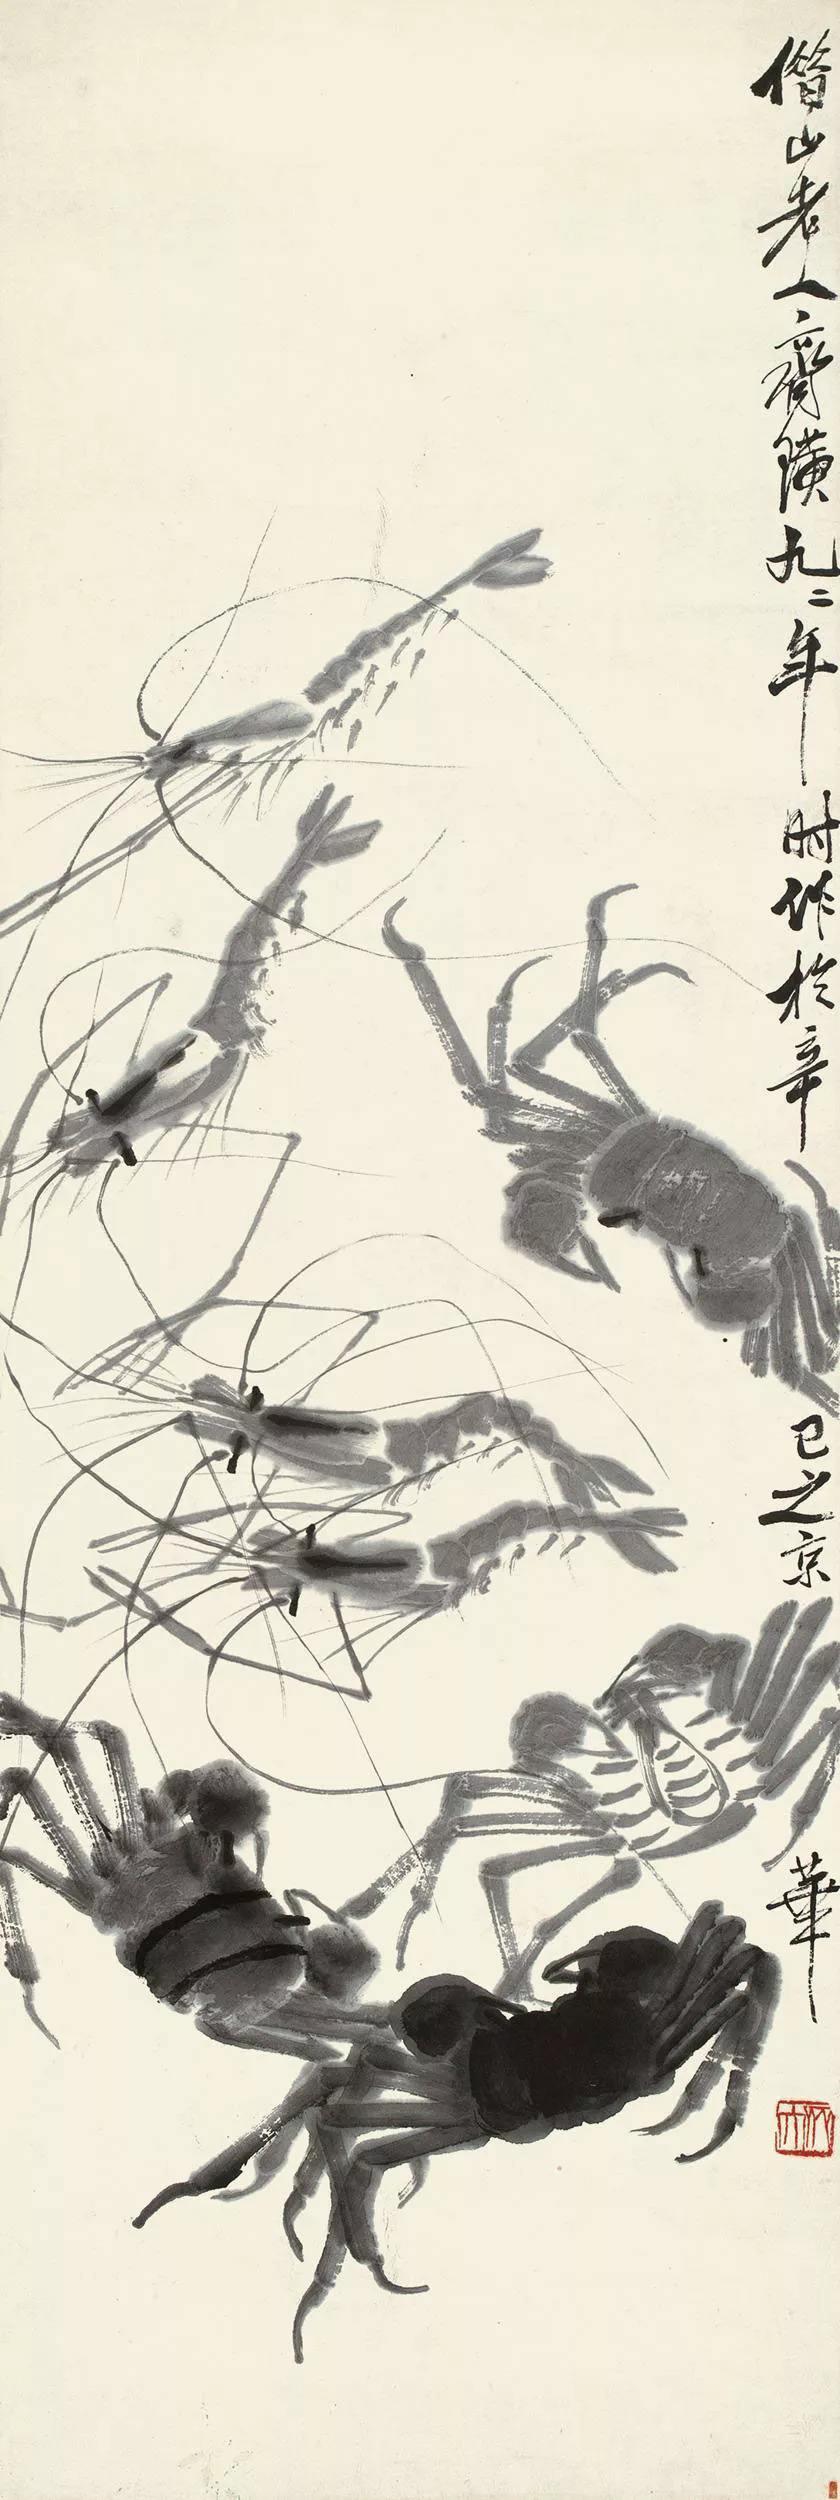 少白公子-汤发周揭秘:都知道齐白石画虾画蟹造诣深,蜘蛛更值钱